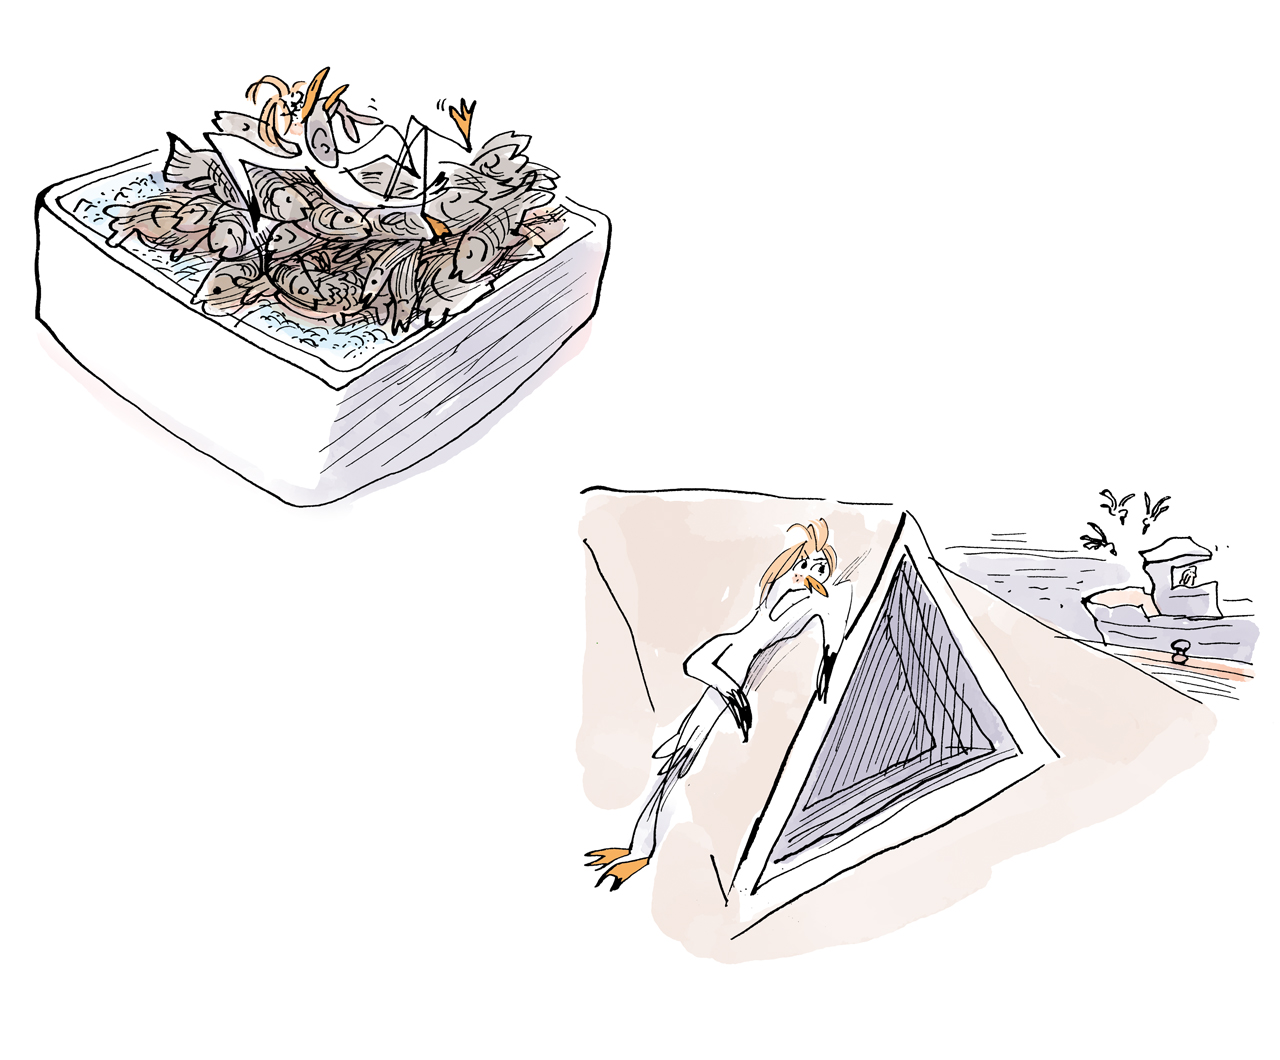 lulu la mouette flavie flament pascal lemaitre